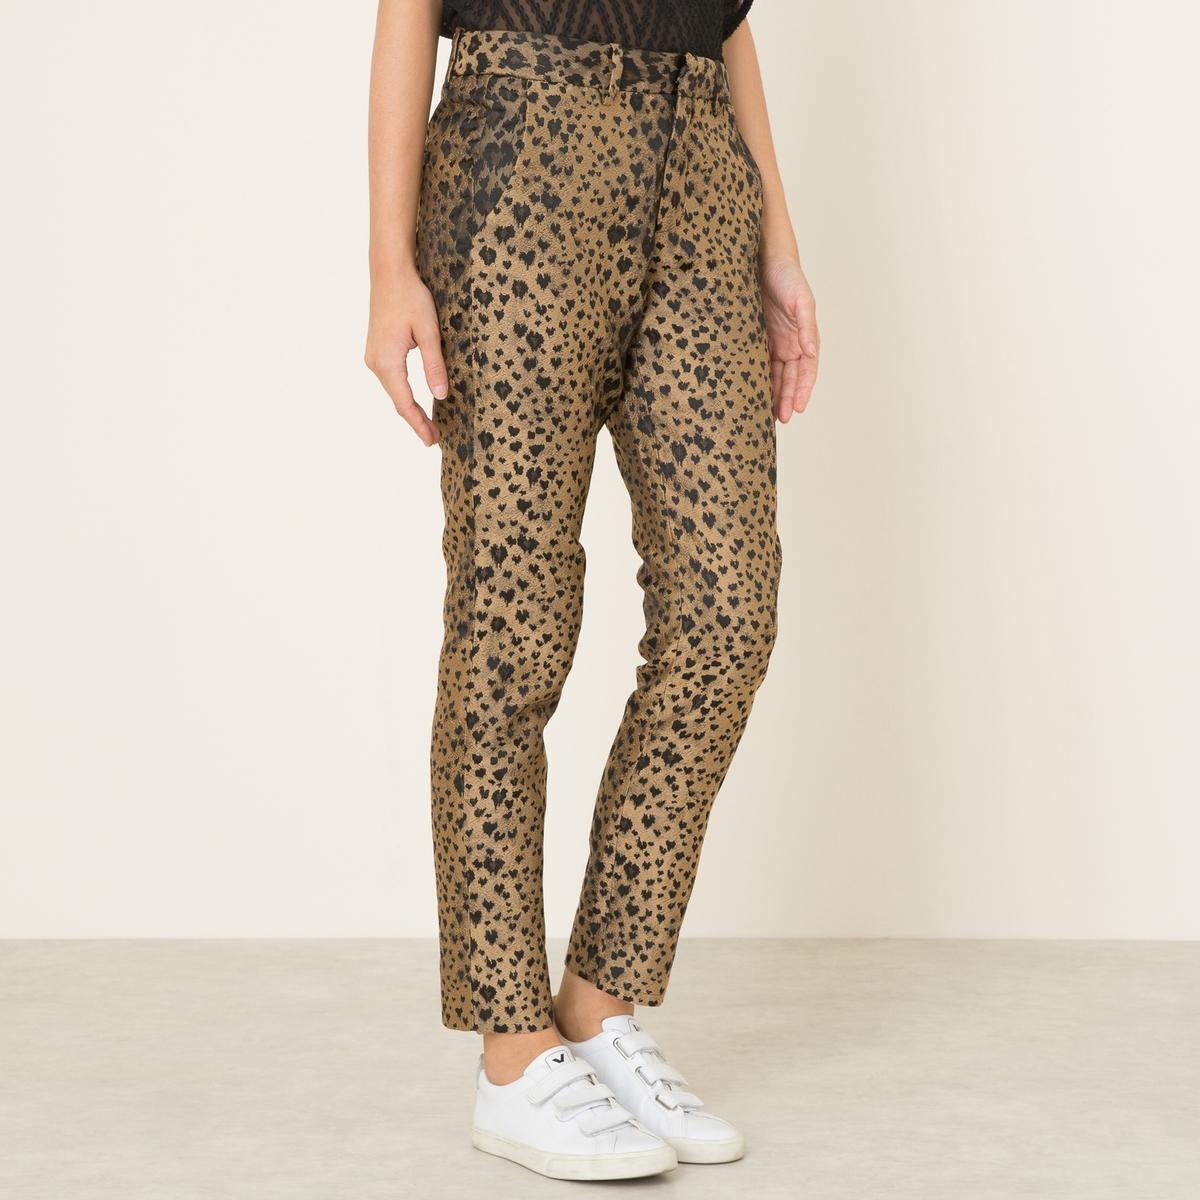 Брюки с леопардовым рисункомСостав и описание    Материал : 100% полиэстер   Длина : по внутр. шву ок. 73 см. (для размера 36)   Ширина по низу ок.15 см.   Костюмы : брюки сочетаются с леопардовым жакетомМарка : SISTER JANE<br><br>Цвет: леопардовый рисунок